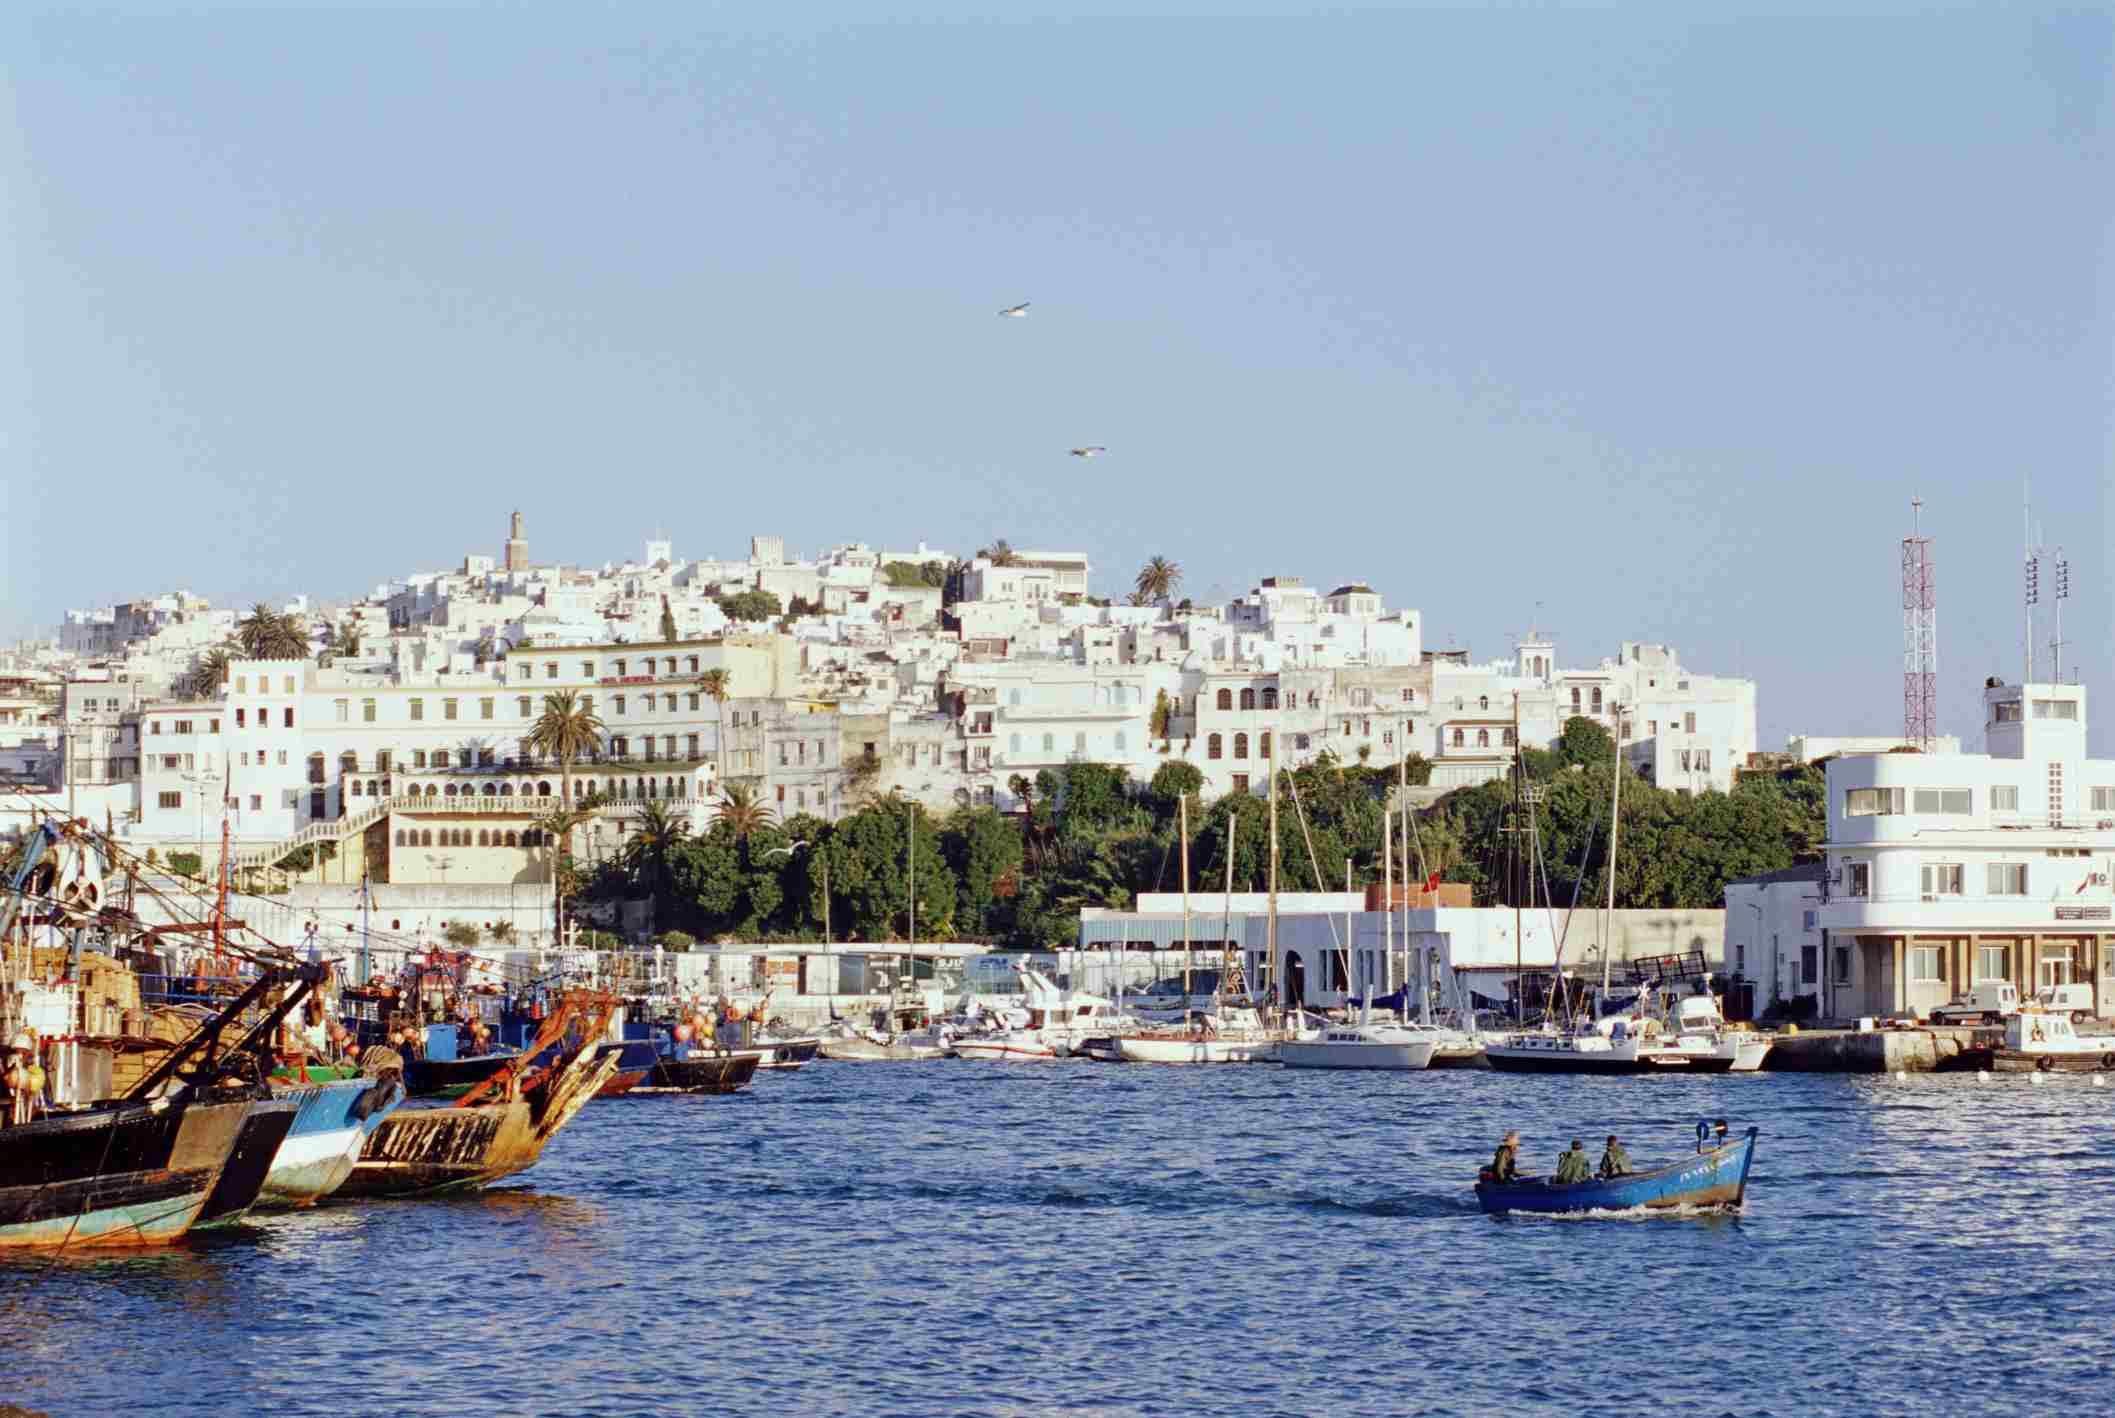 Tangier Port, Tangier